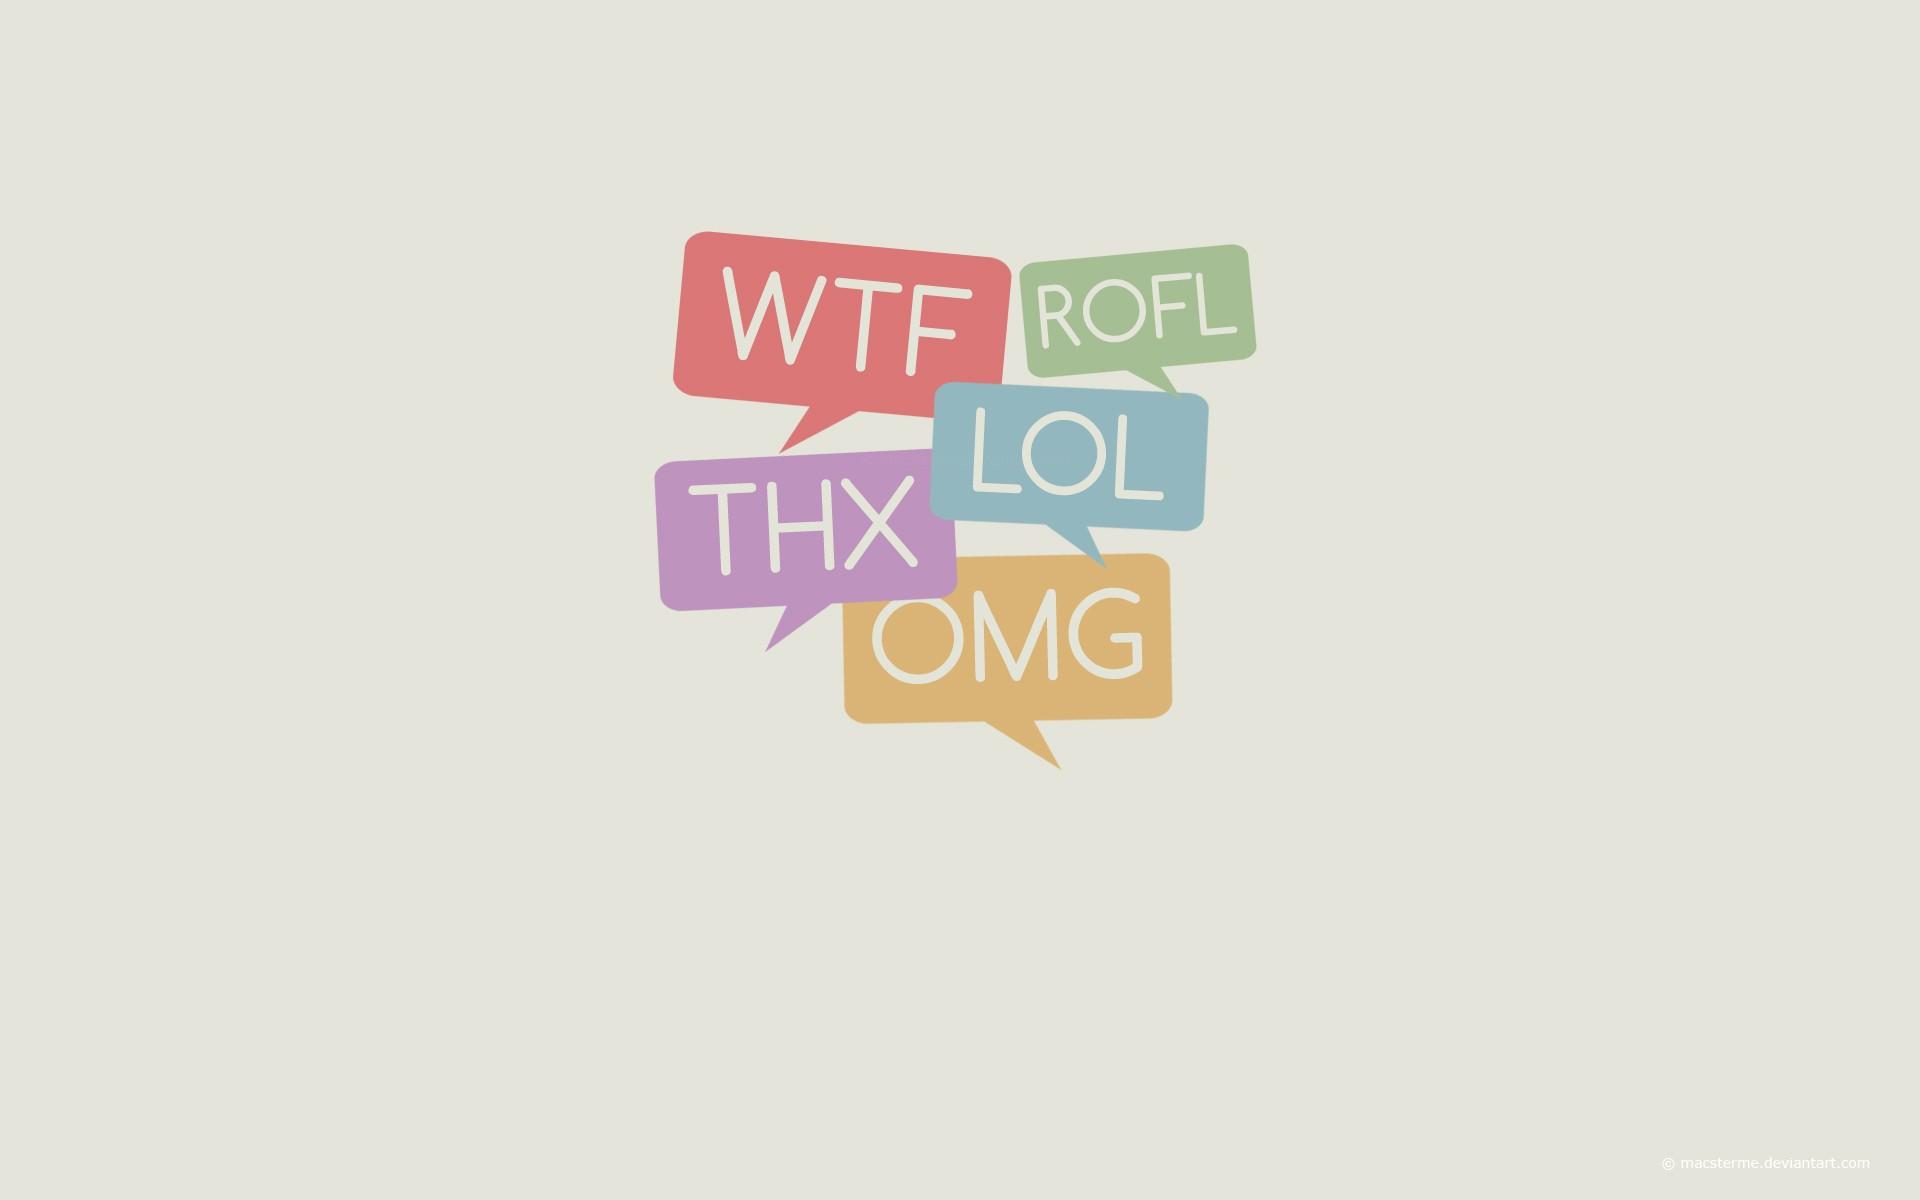 Wtf Rofl LoL Thx Omg